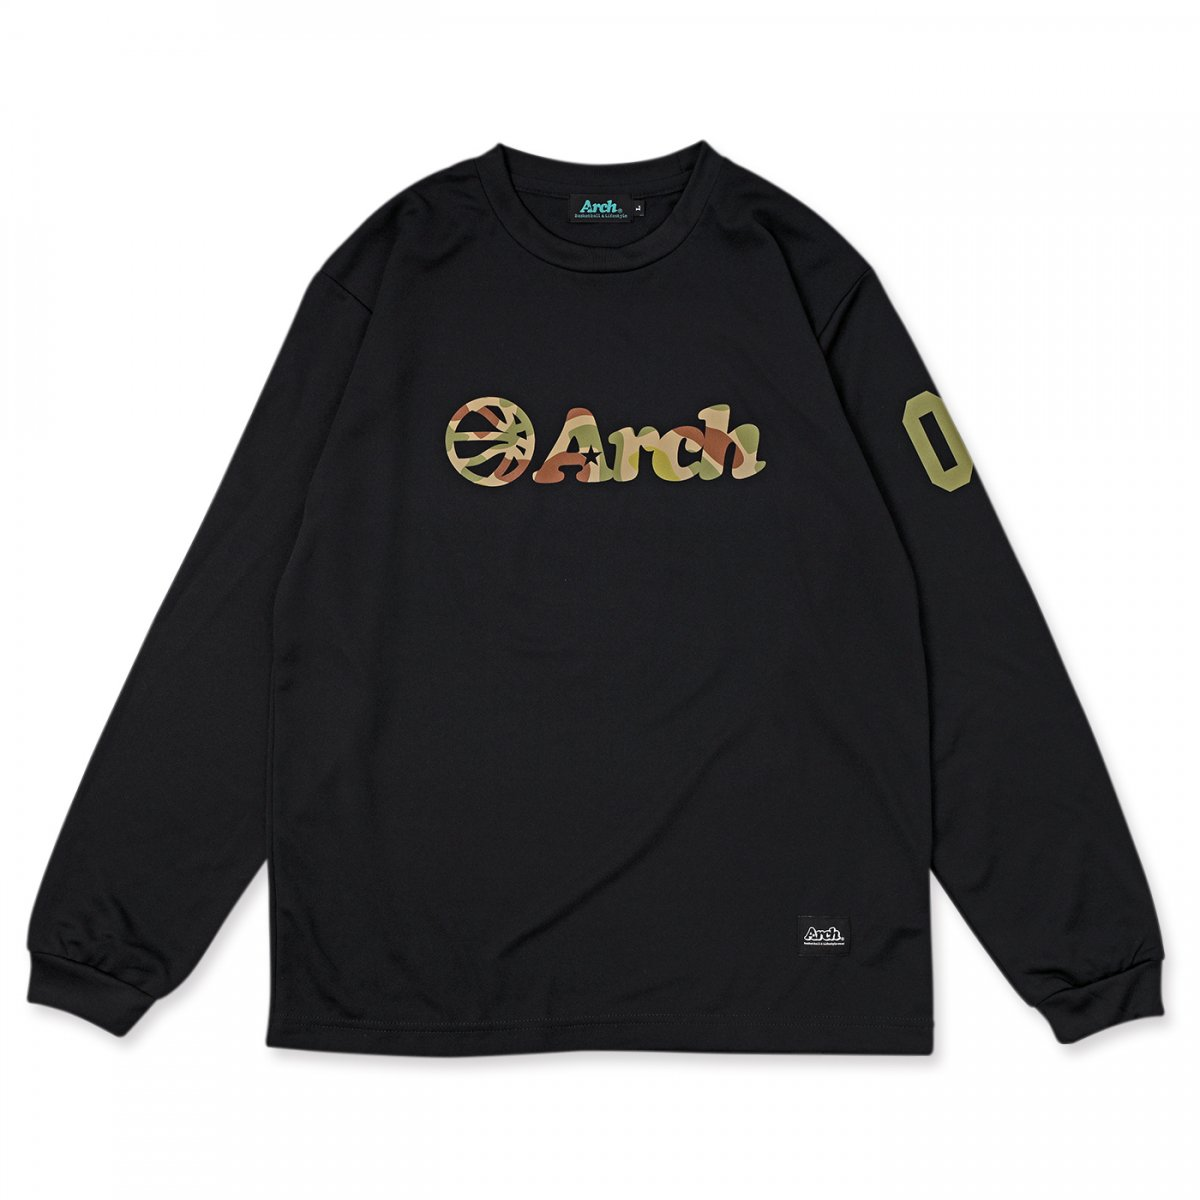 カモボール ロゴ L/Tシャツ ブラック